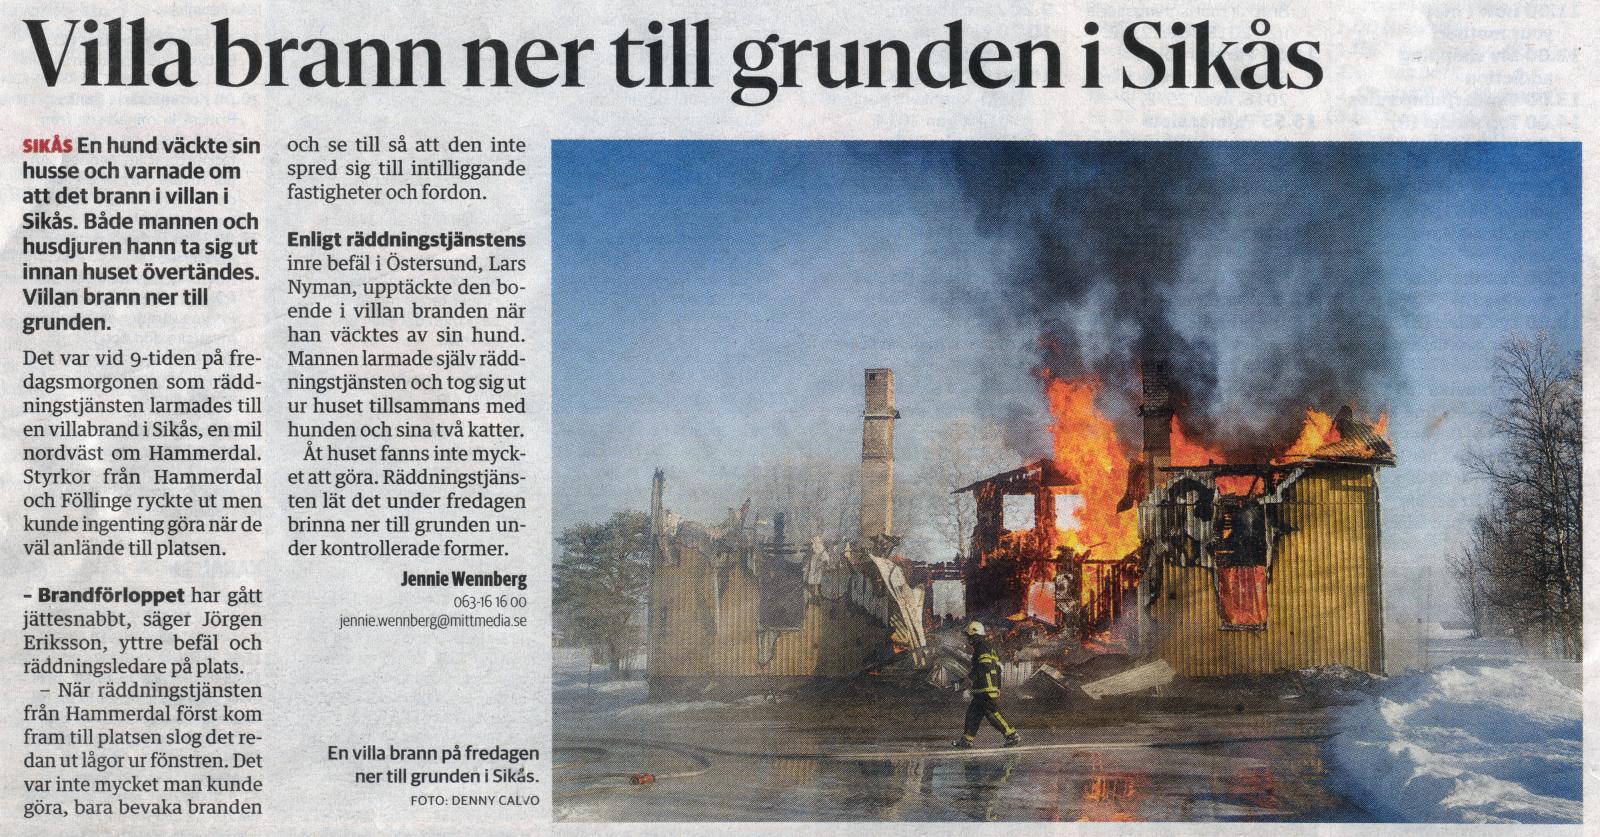 villa brann ner 26 feb 2016